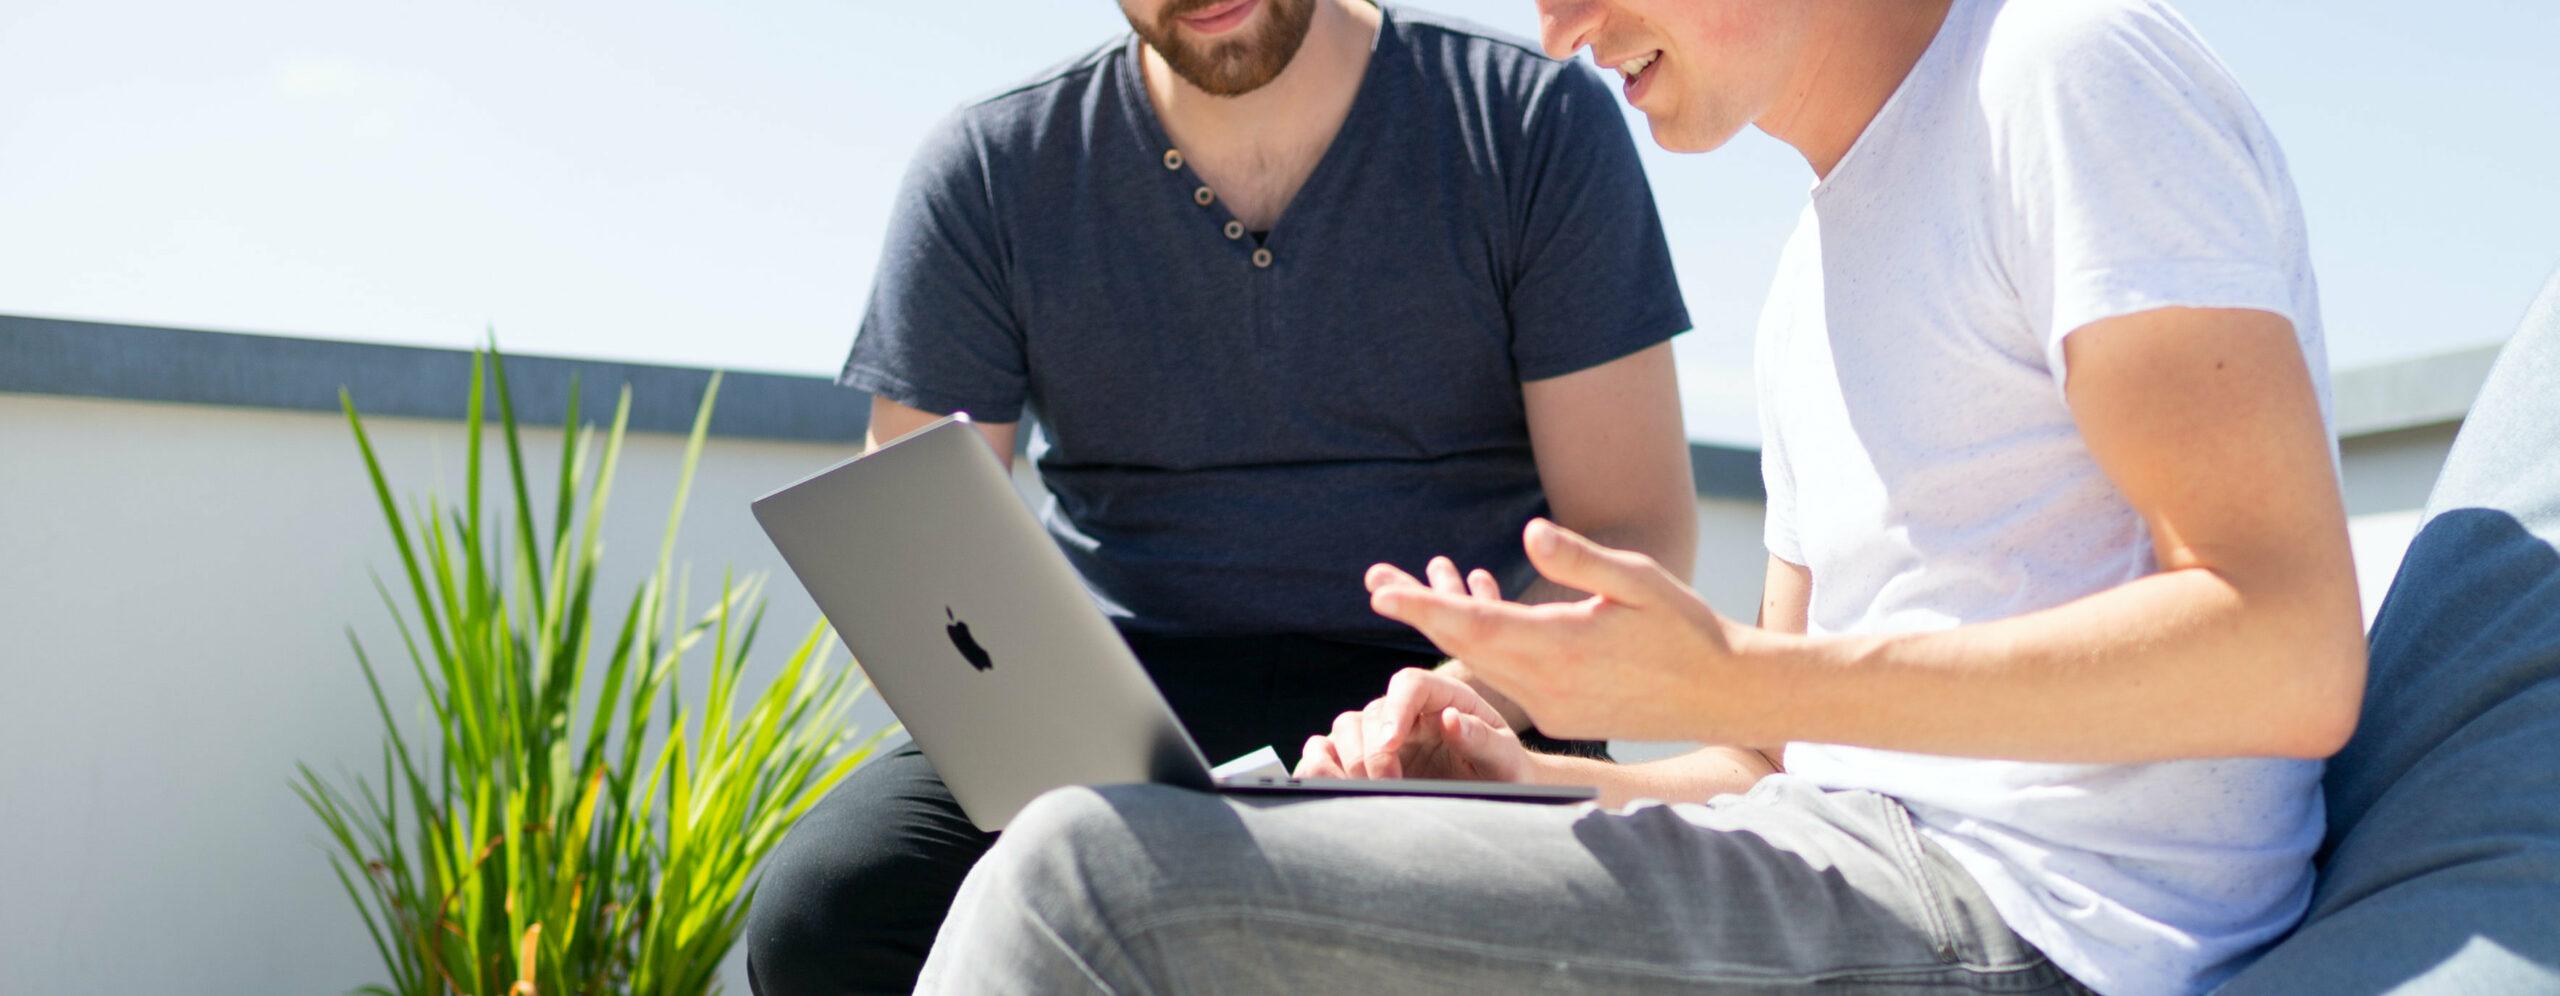 Zwei Männer sitzen mit Laptops auf Terrasse und arbeiten